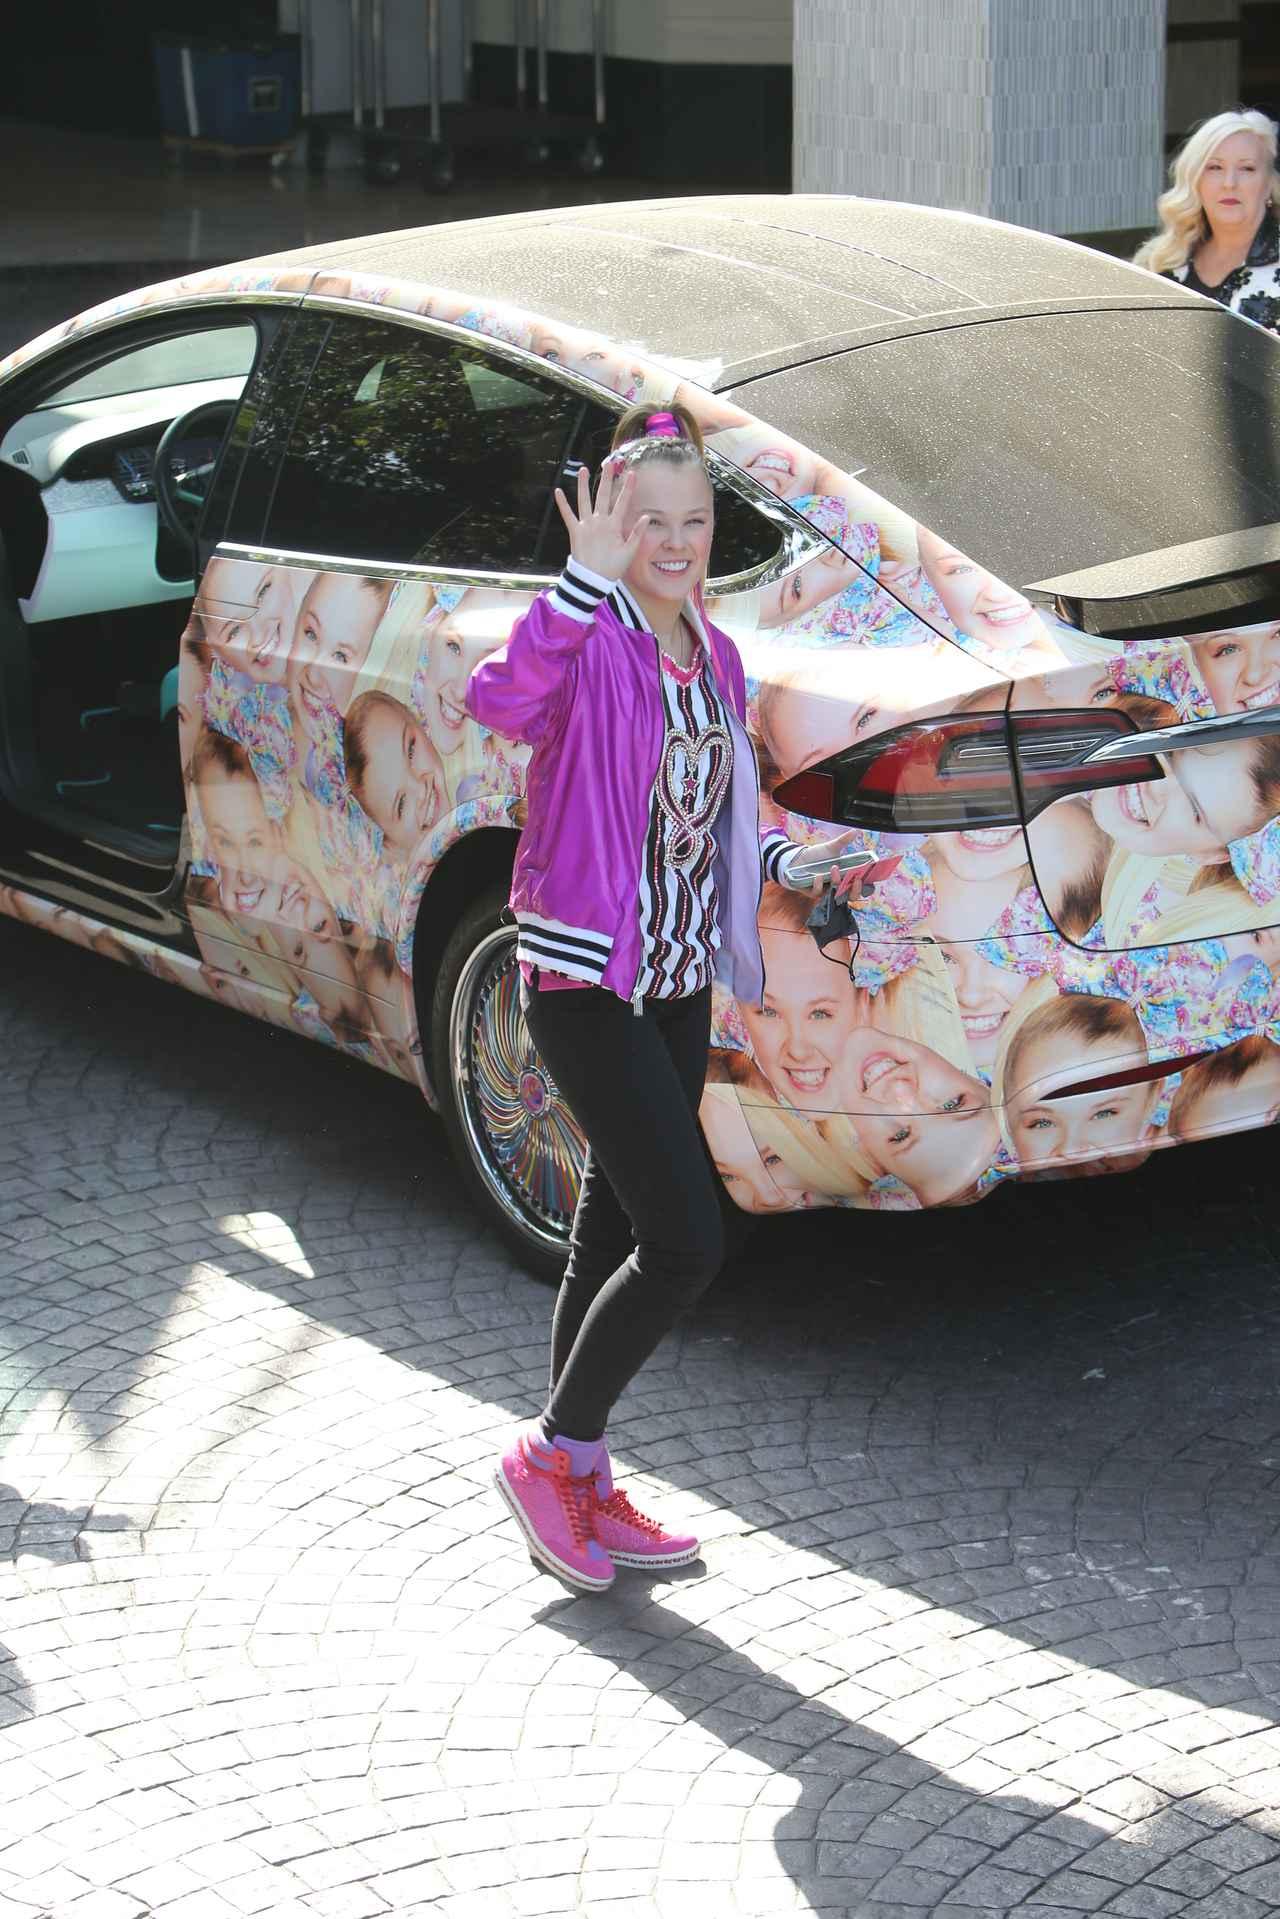 画像4: ジョジョ・シワ、顔面テスラ車でファストフード店へ